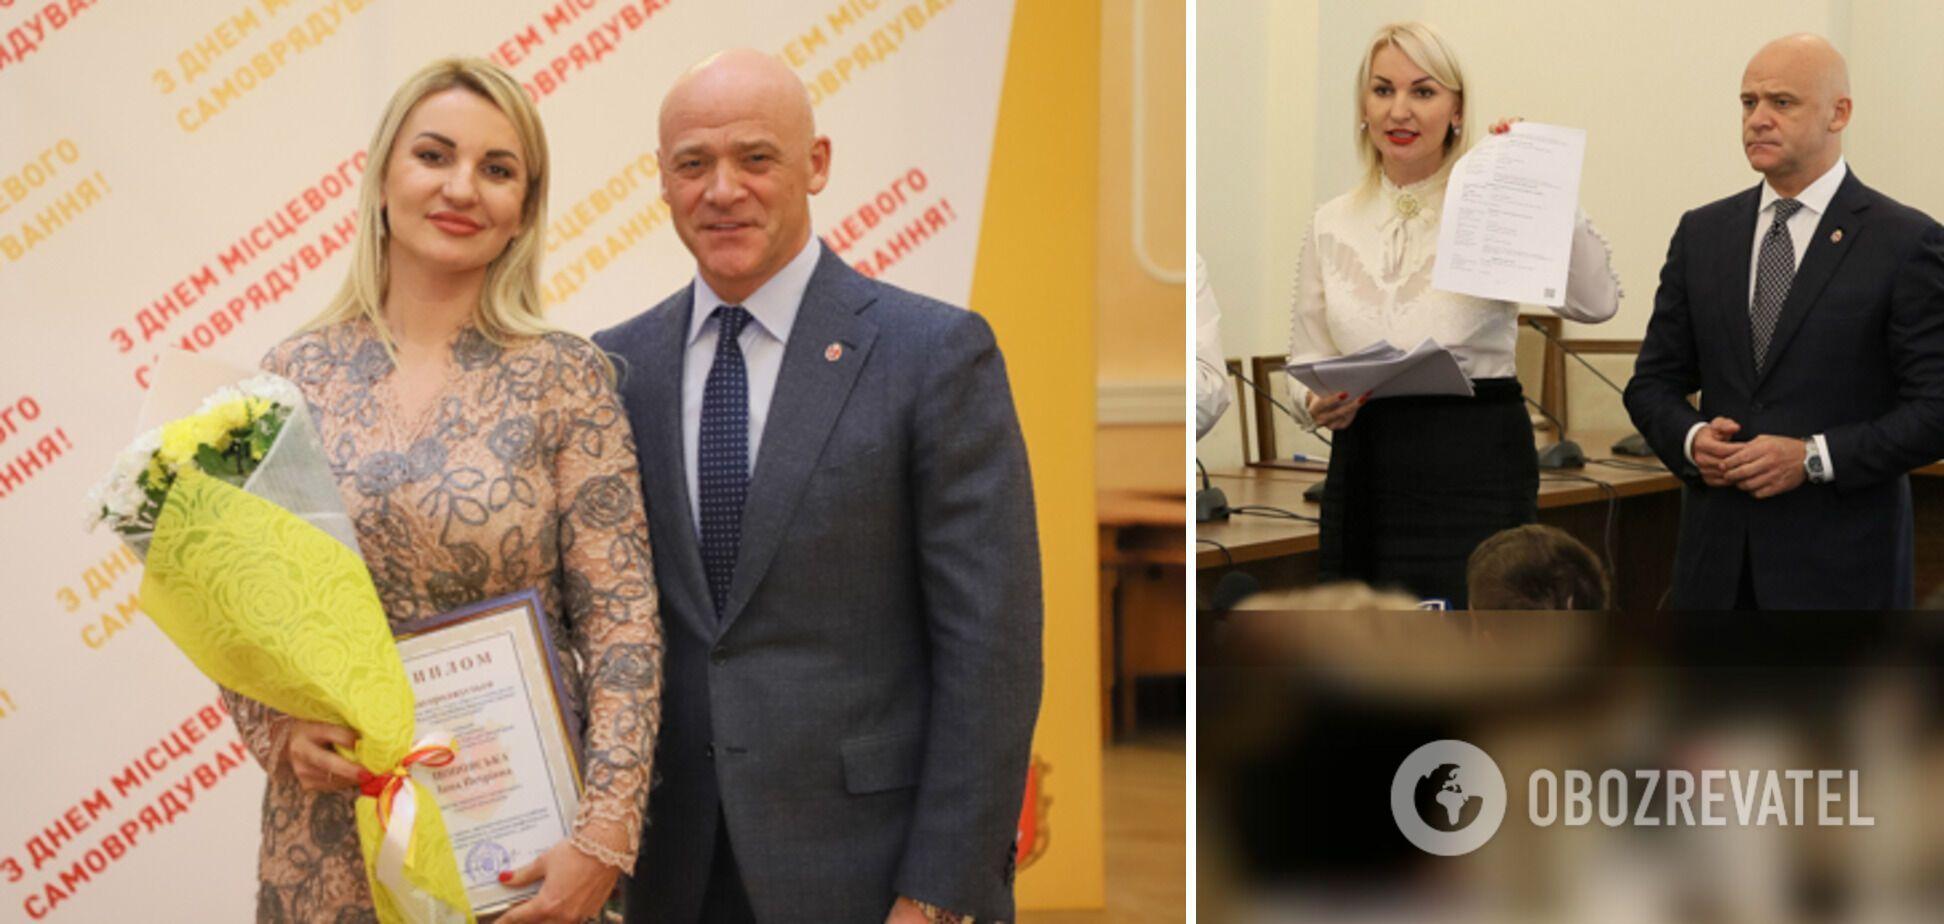 Инна Поповская и Геннадий Труханов фигурируют в деле о незаконном завладении землей города Одесса